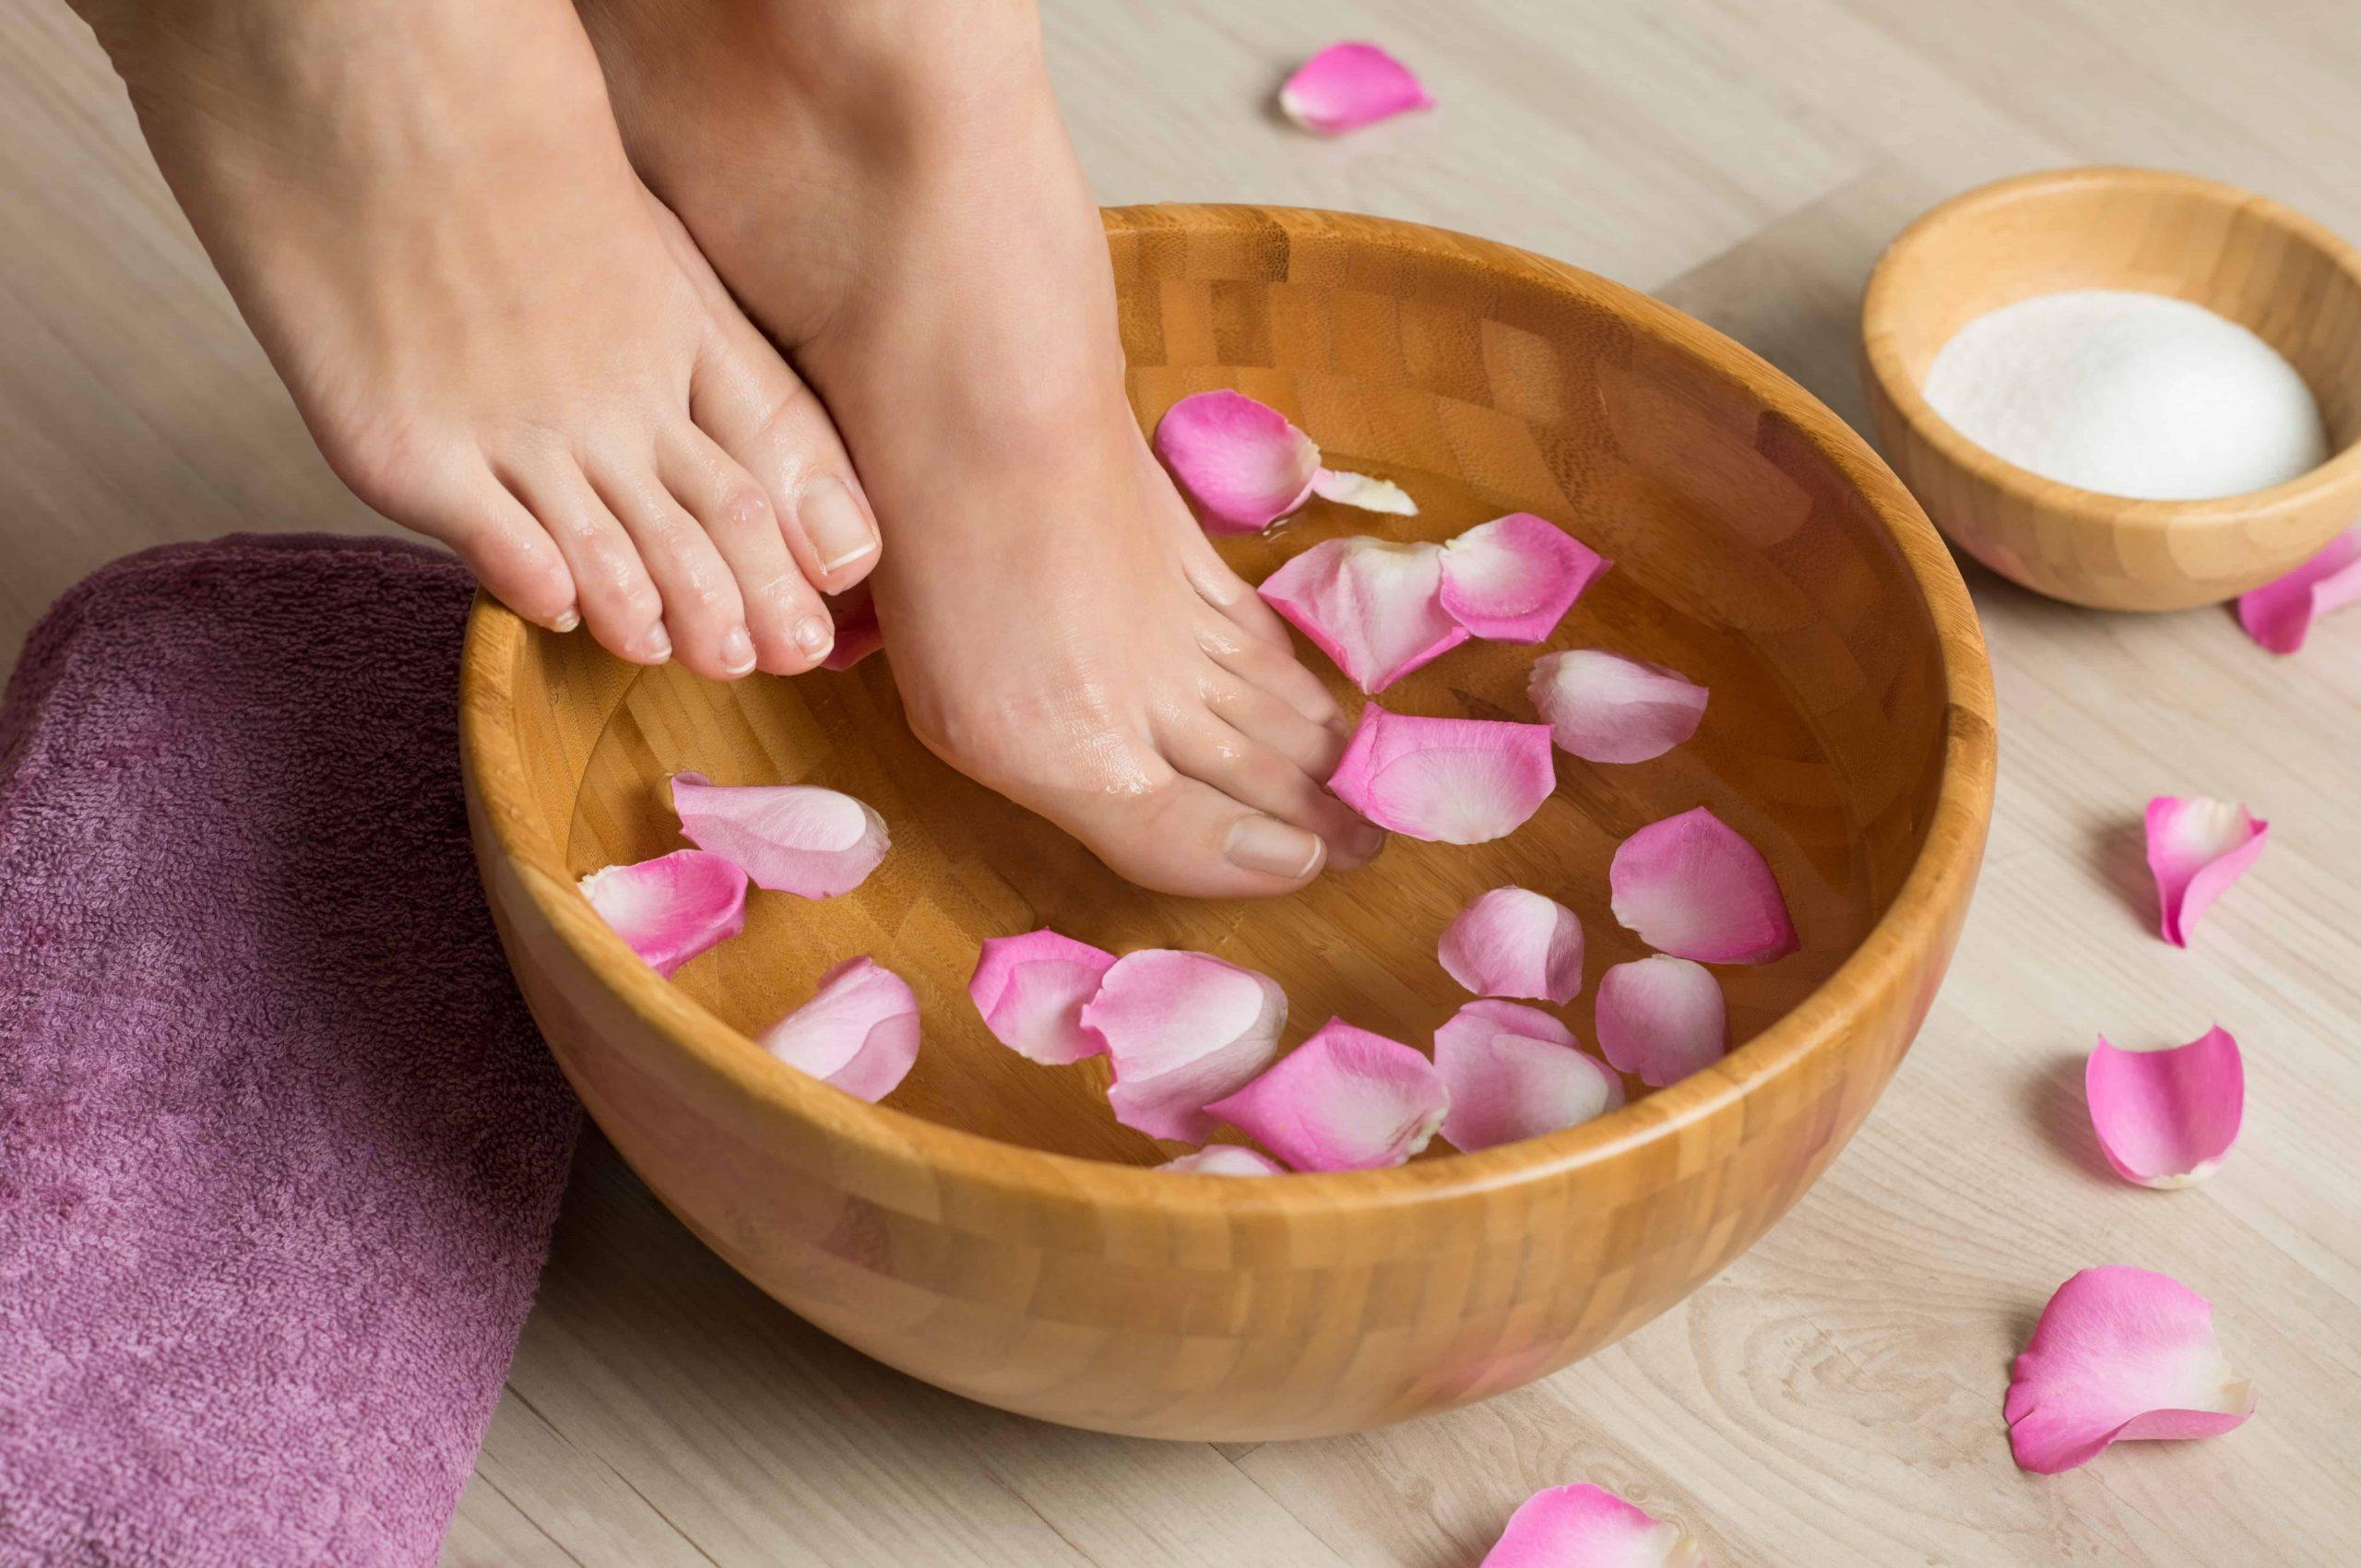 Fußpilz Hausmittel: Die besten Methoden zur Behandlung